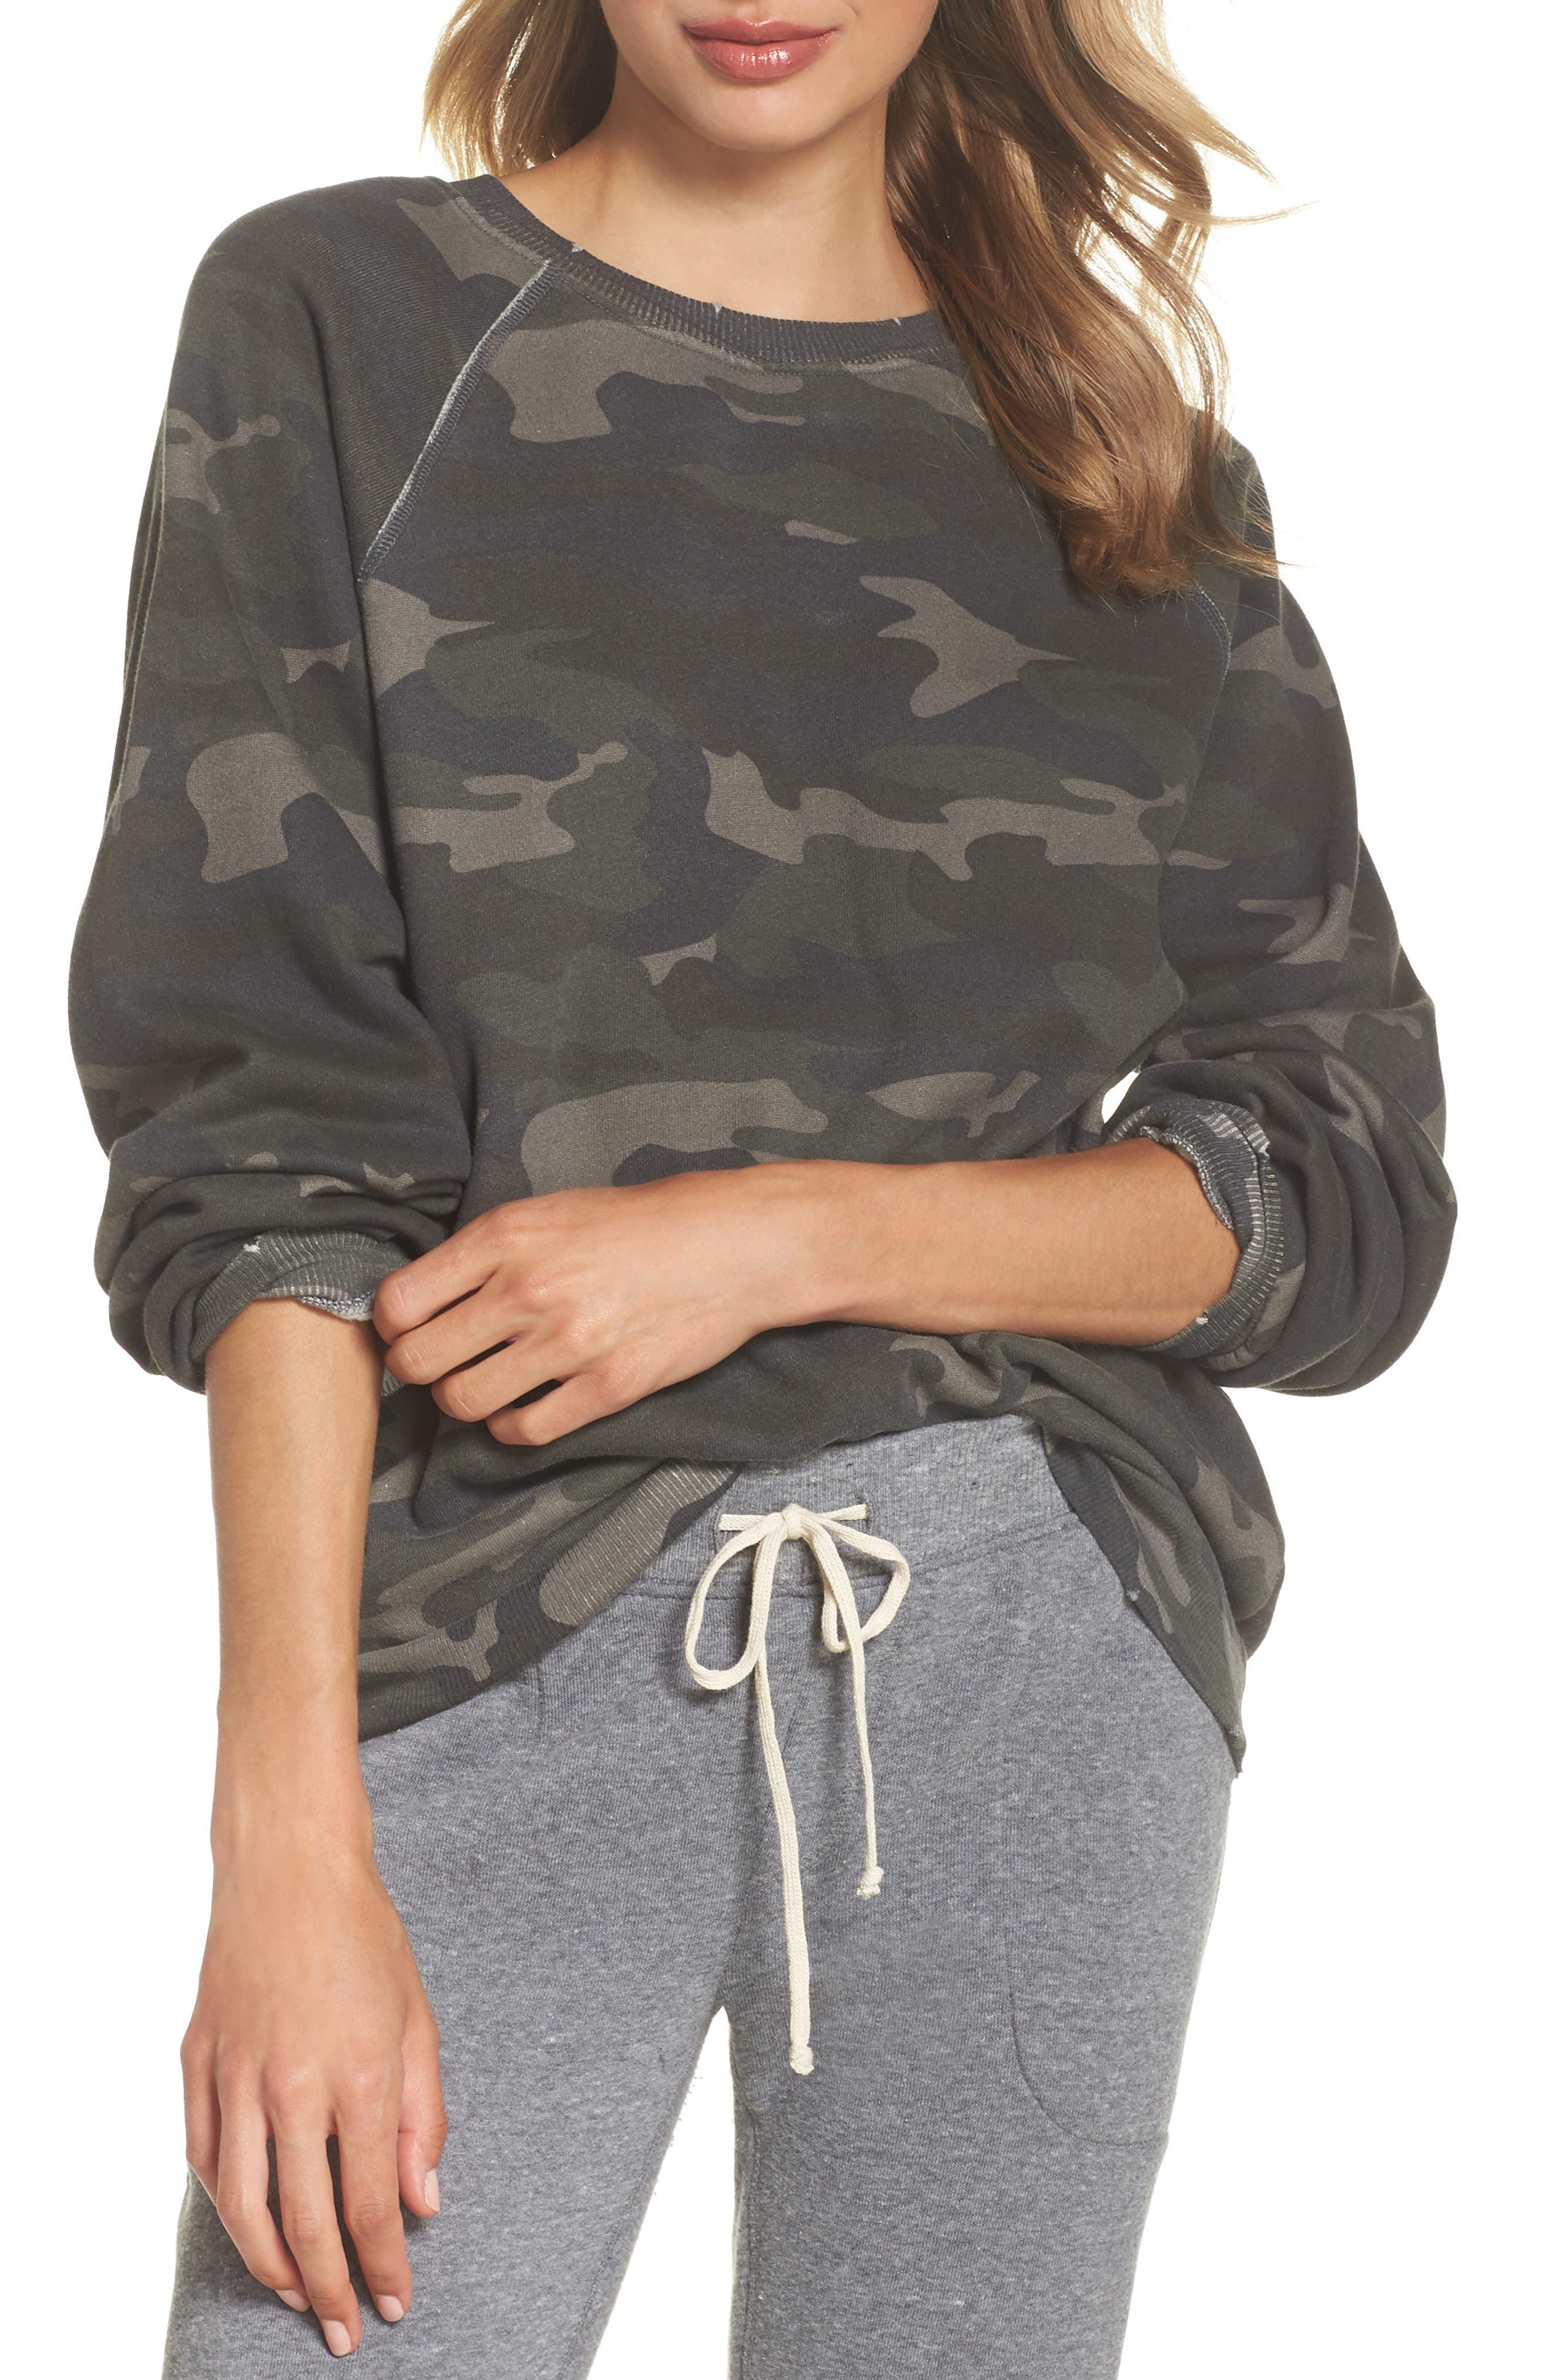 RAGDOLL Camo Oversize Sweatshirt